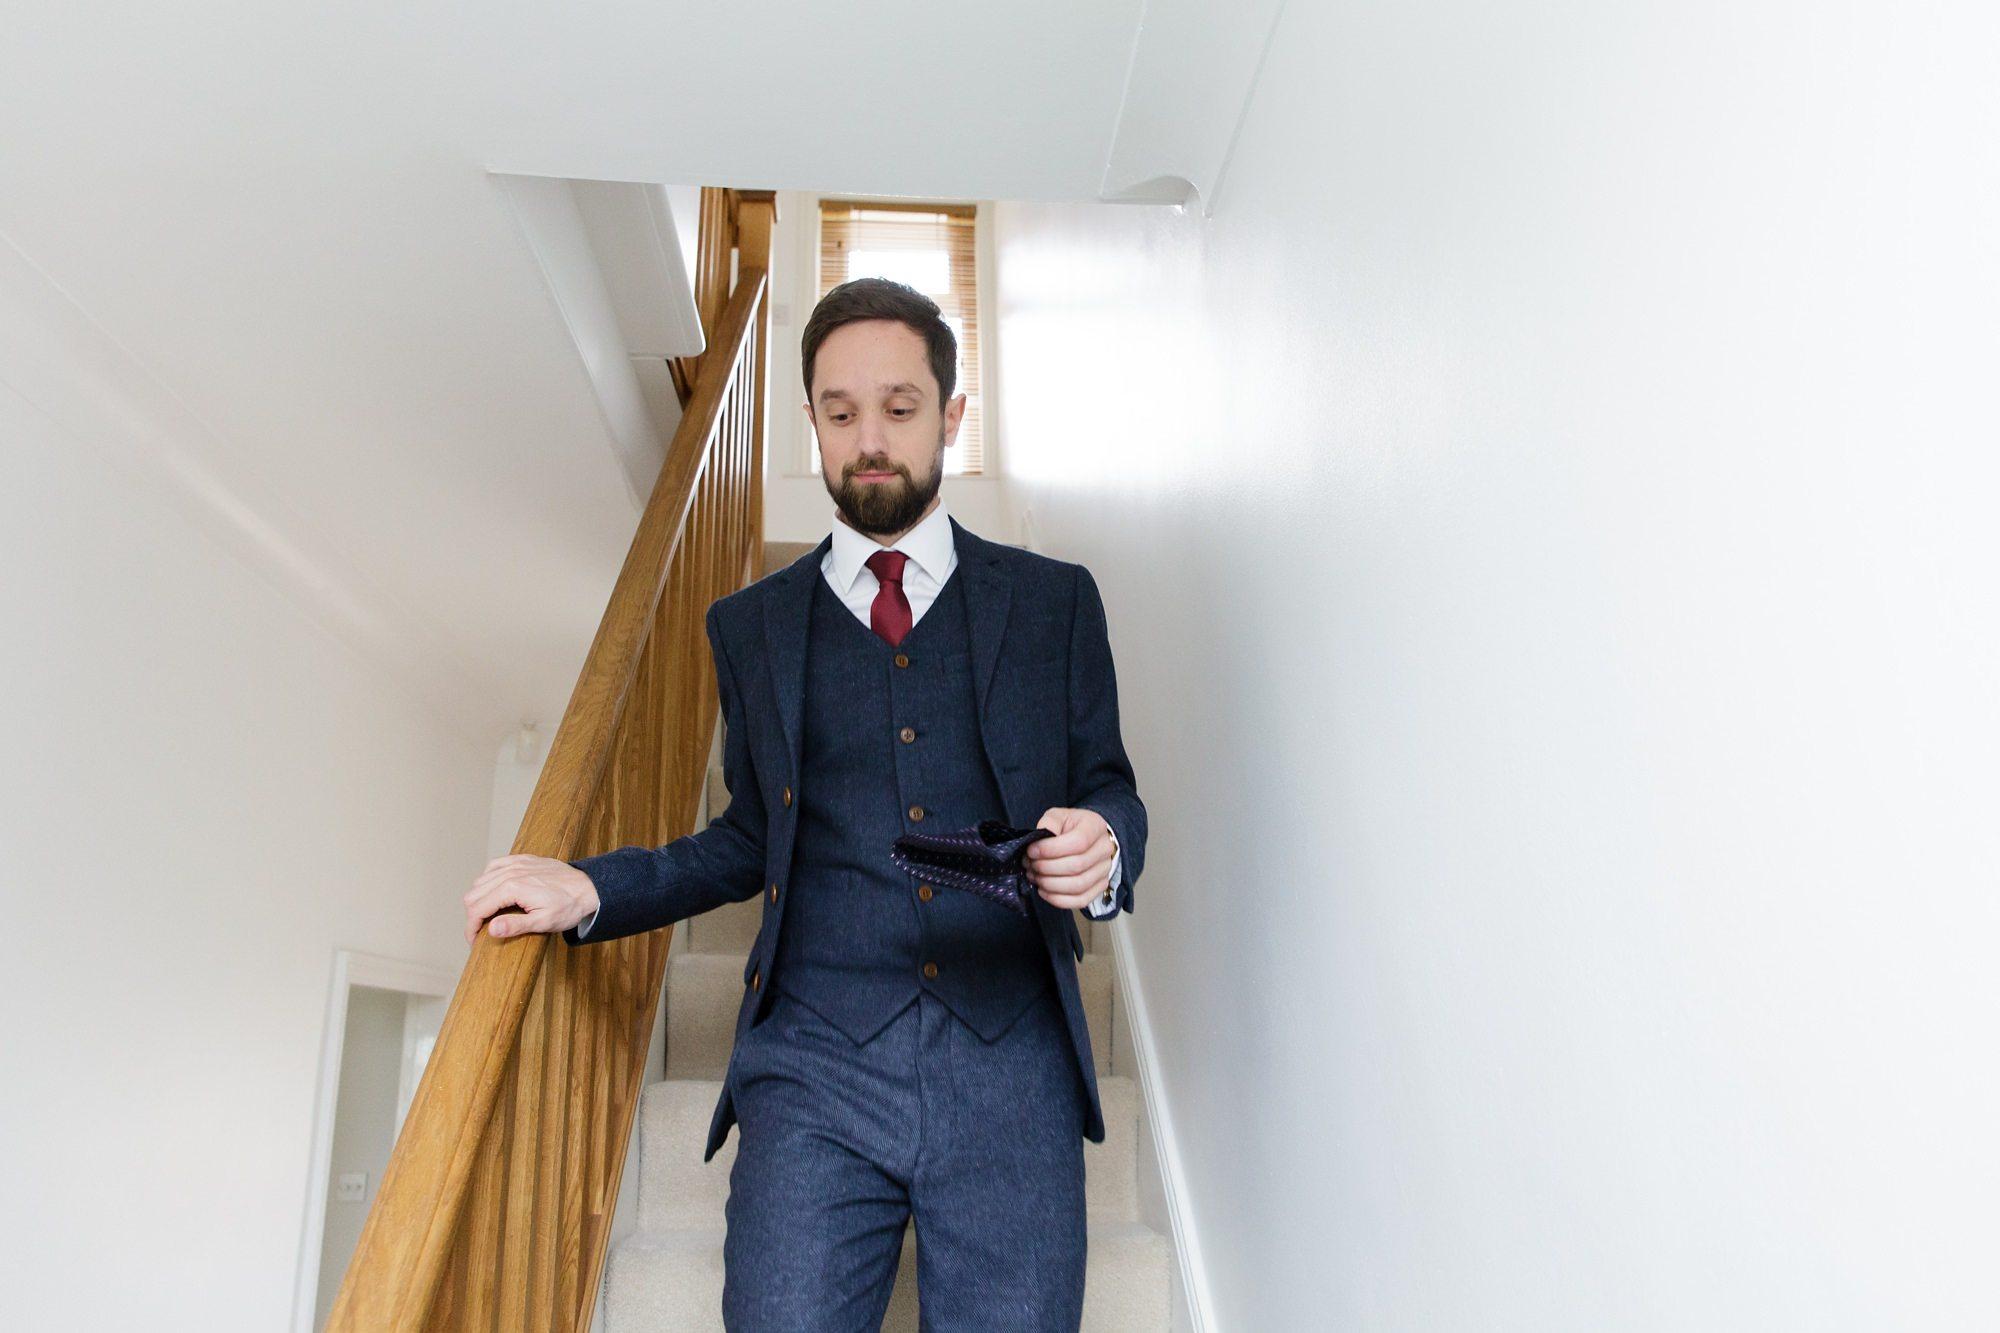 Groom with beard walking down stairs wearing blue suit red tie